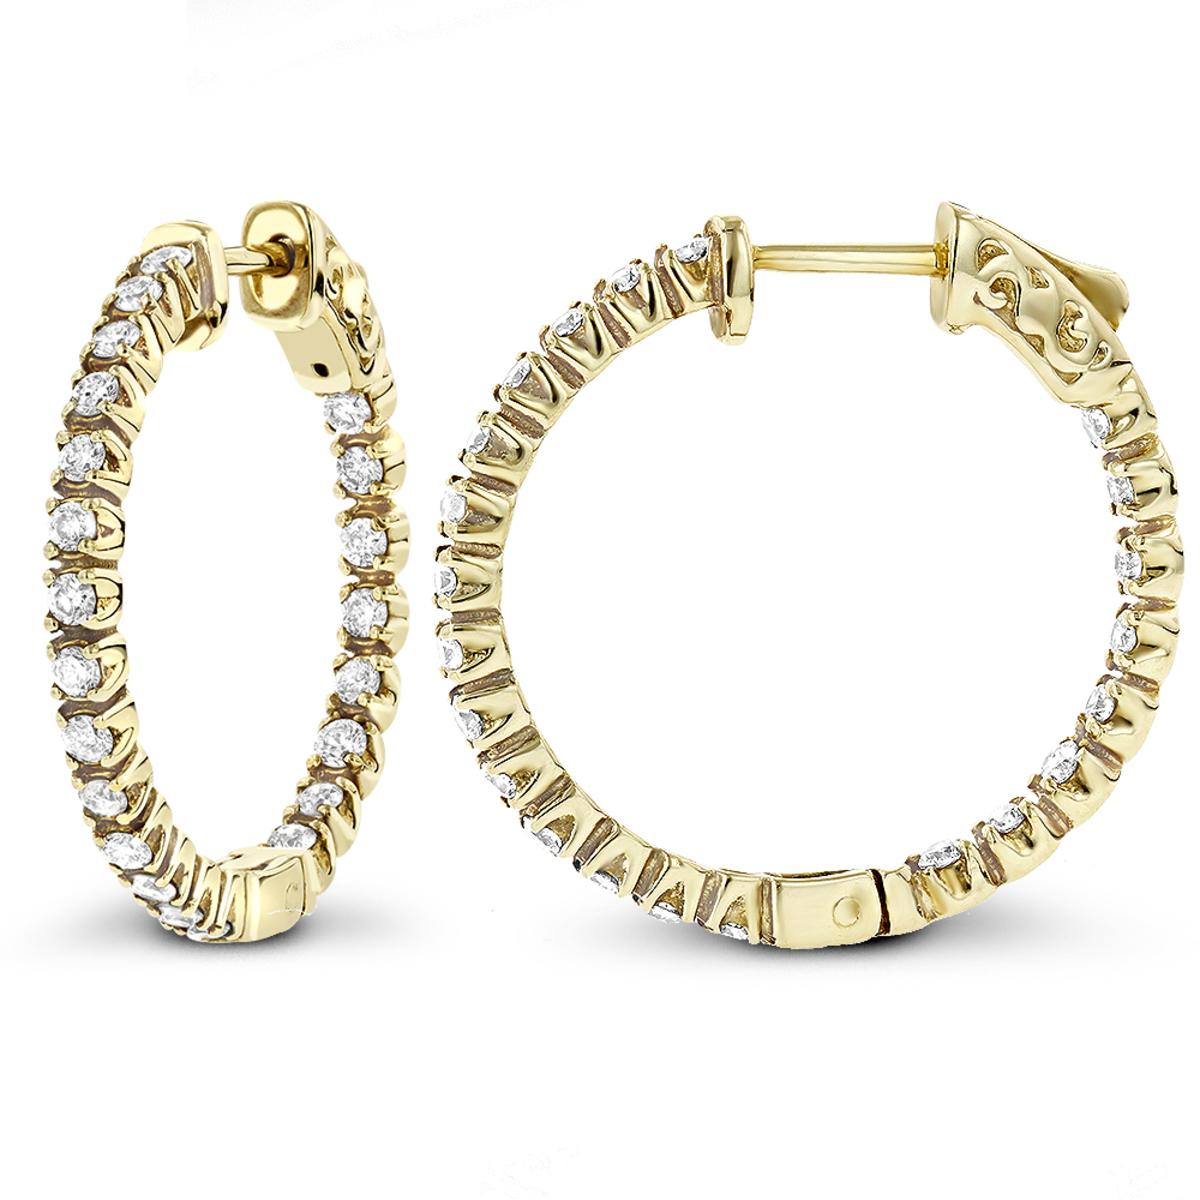 14K Gold Inside Out Diamond Hoop Earrings 1 ct